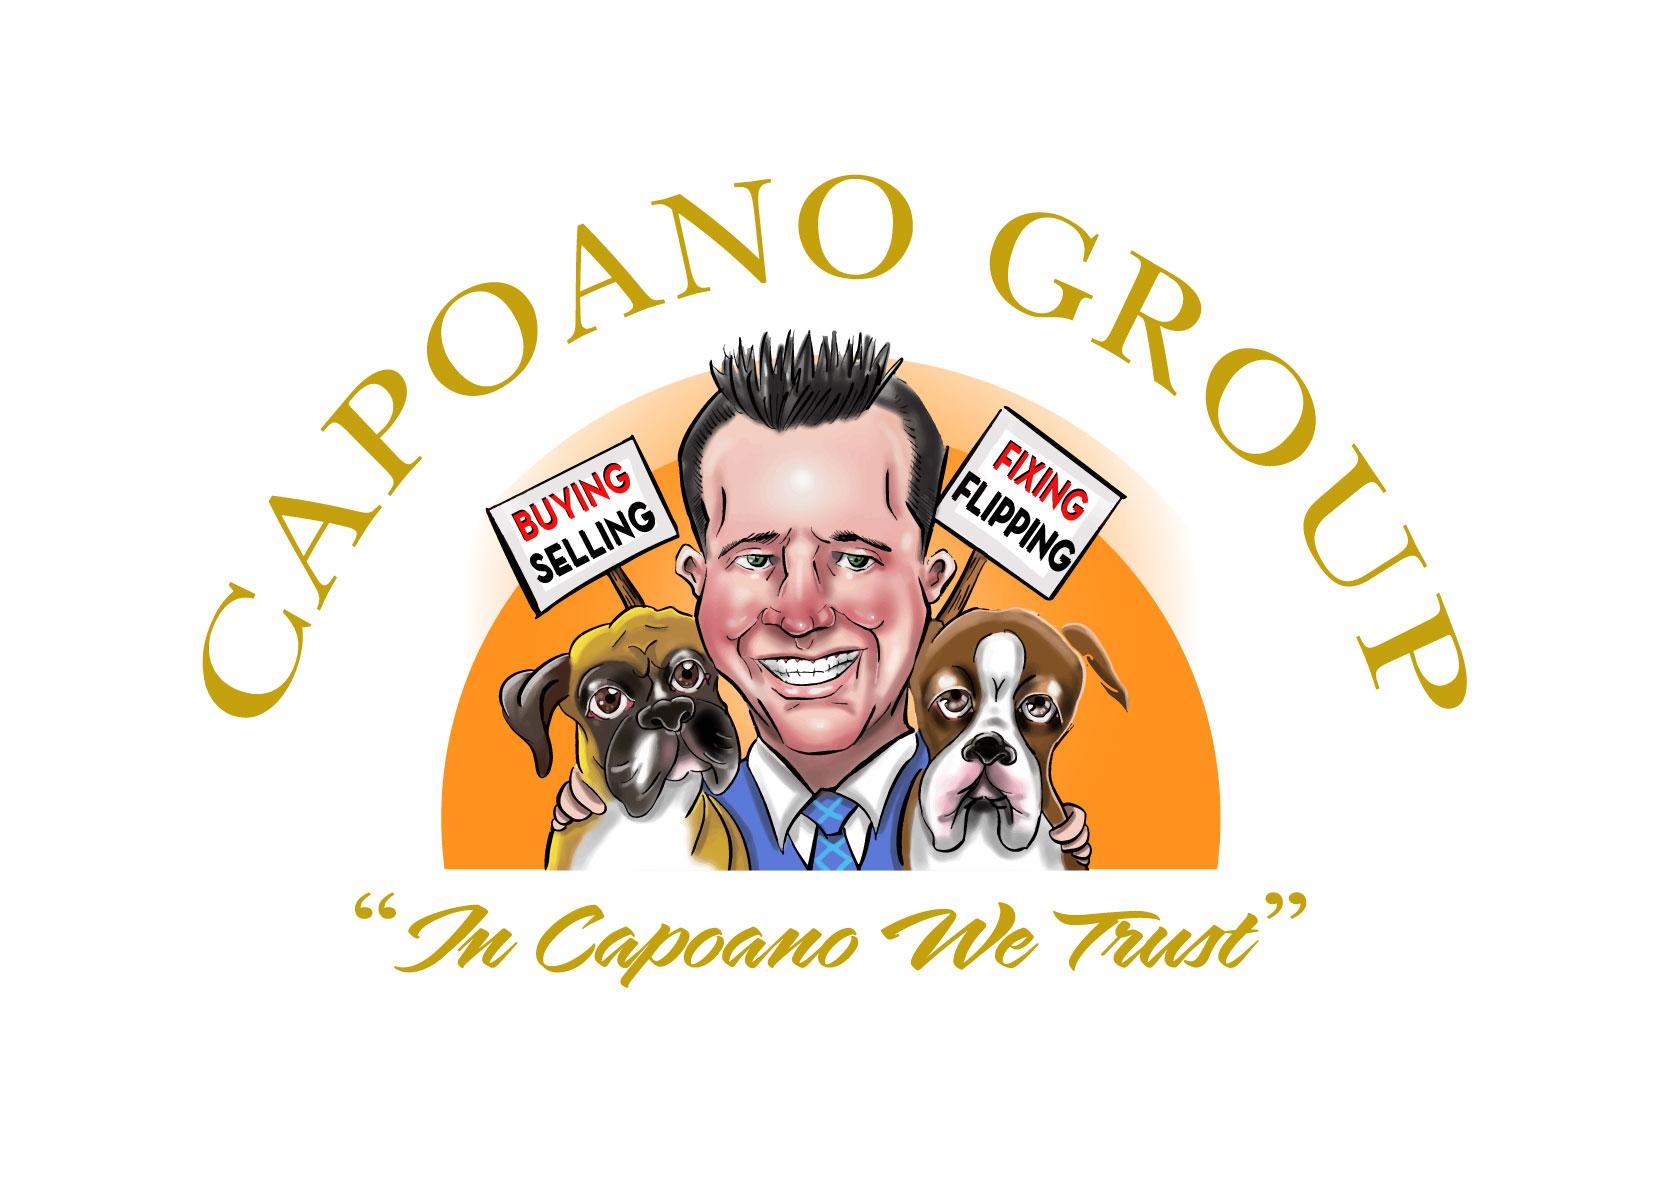 CAPOANO-GROUP-LOGO